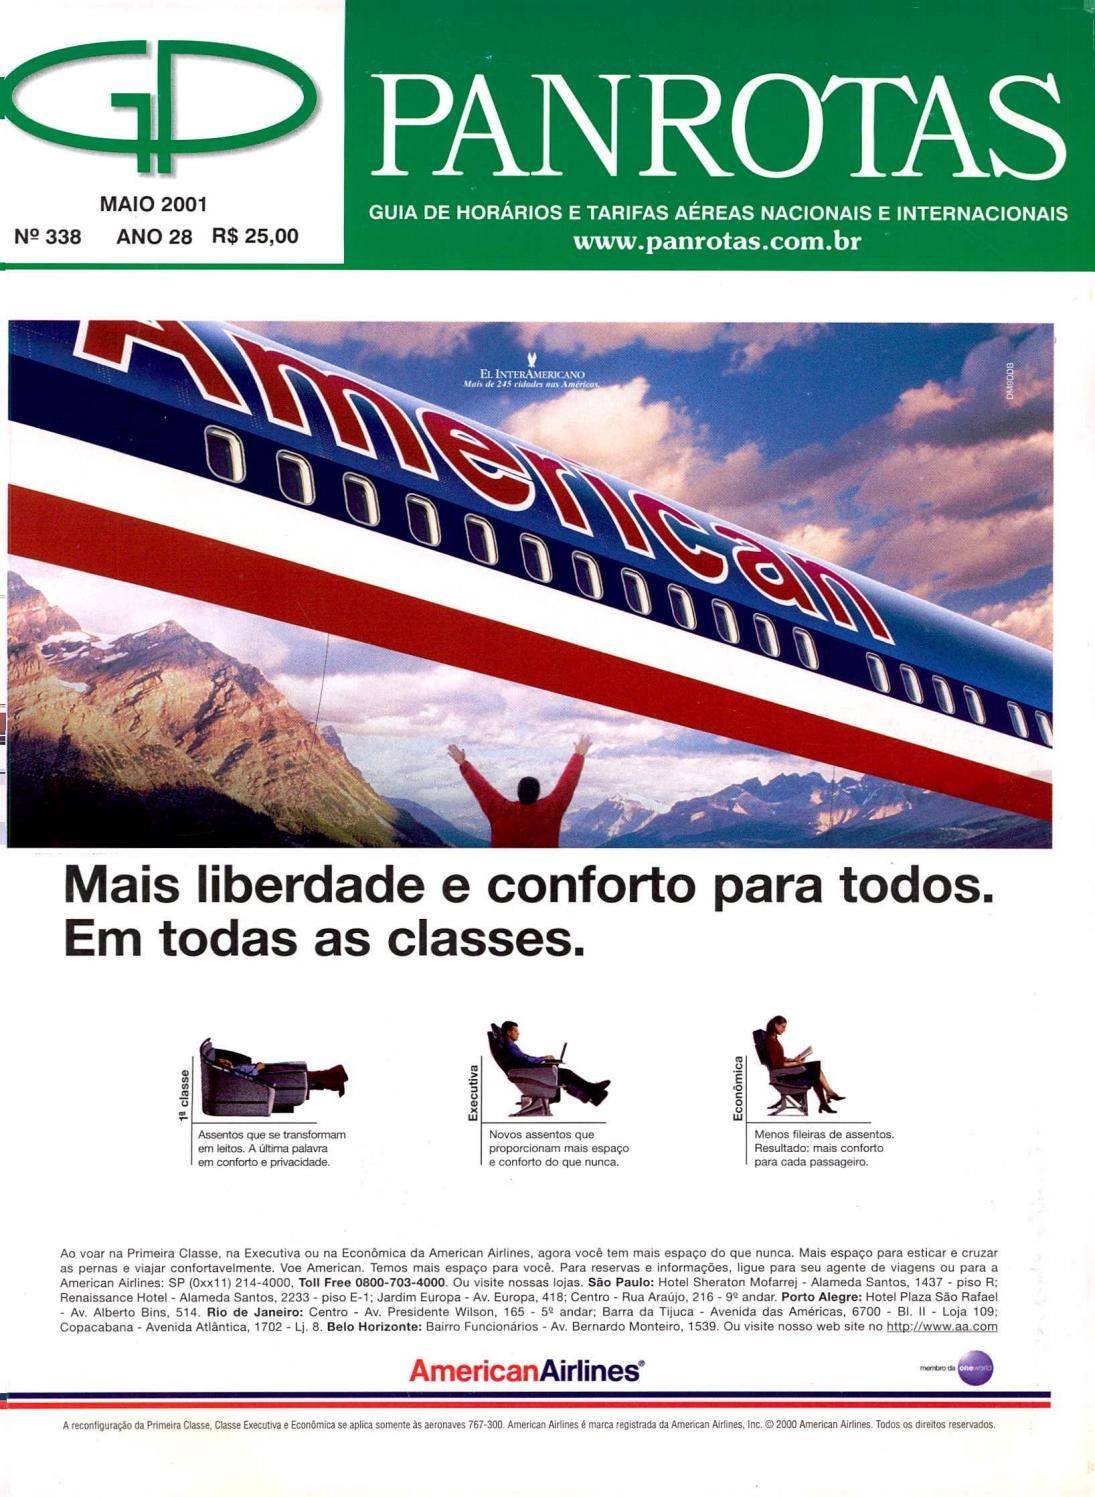 Guia Panrotas - Edição 338 - Maio 2001 by PANROTAS Editora - issuu 0d69242c2992a